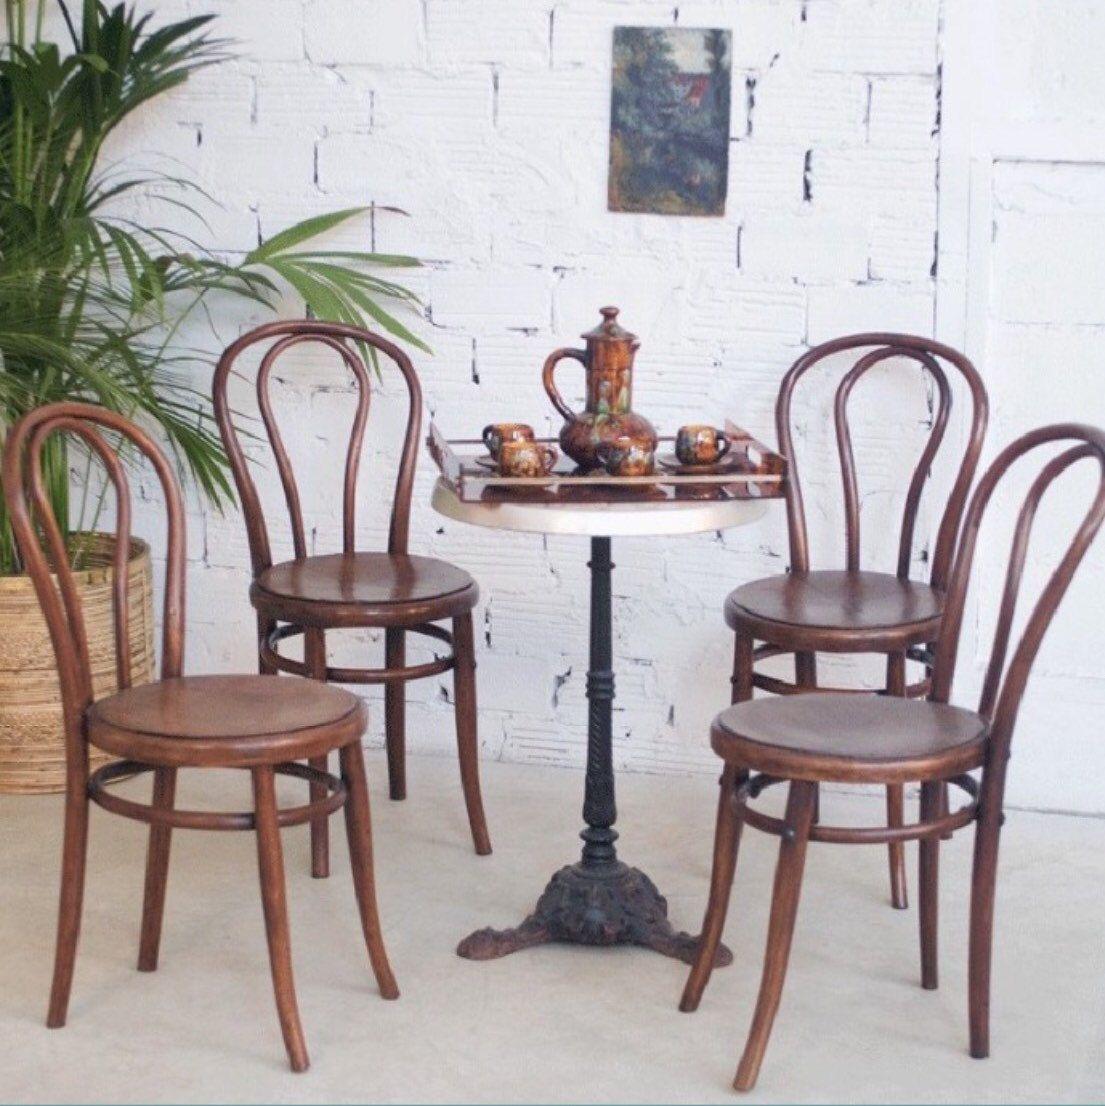 la chaise bistrot d but xx me ambiance bar parisien la. Black Bedroom Furniture Sets. Home Design Ideas